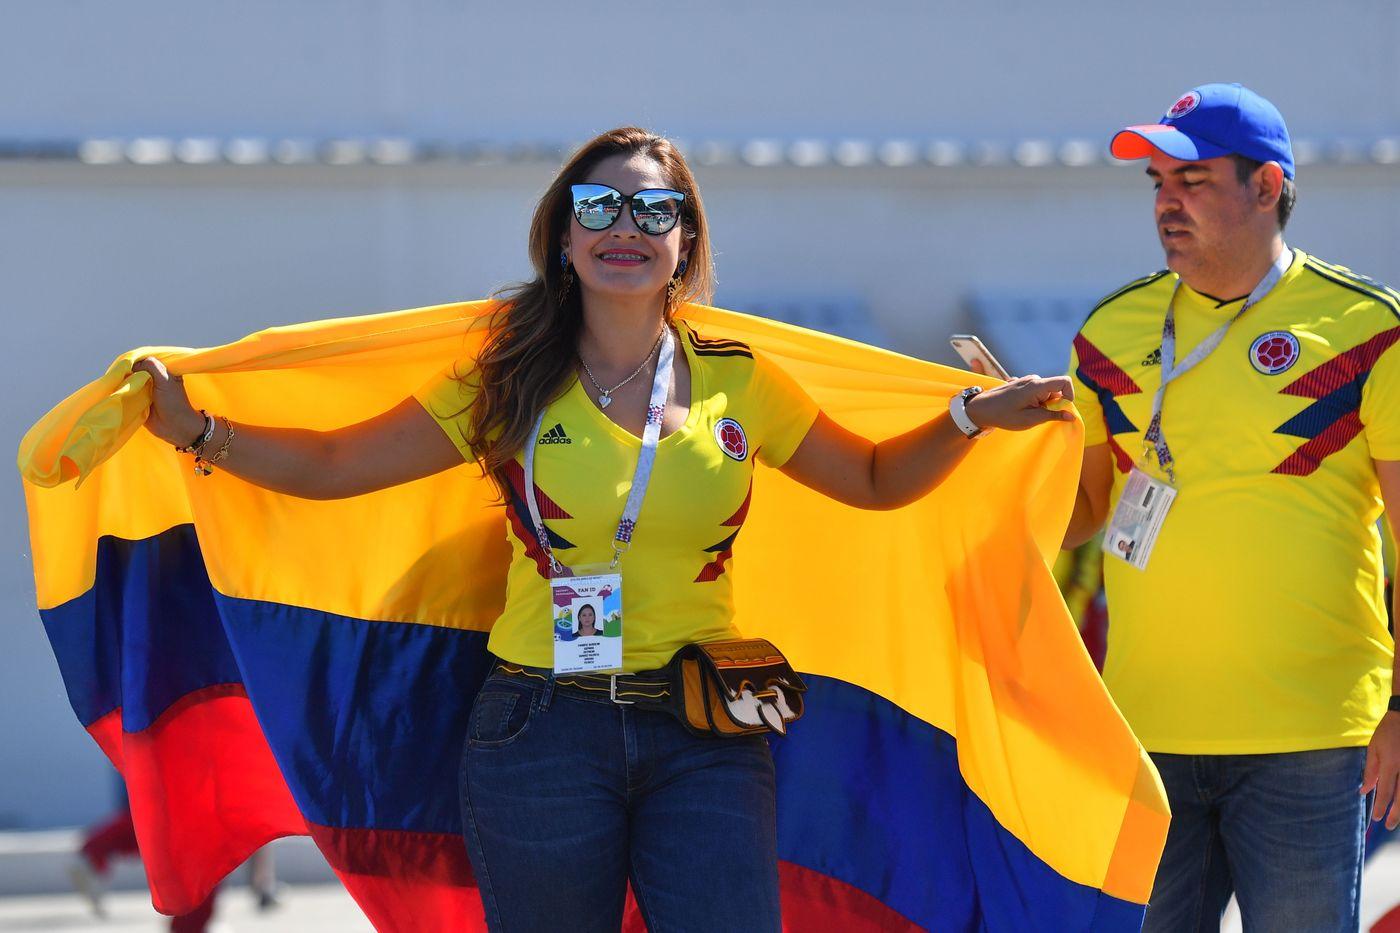 Sudamericano U20, Venezuela U20-Colombia U20 venerdì 8 febbraio: analisi e pronostico della quarta giornata del gruppo finale